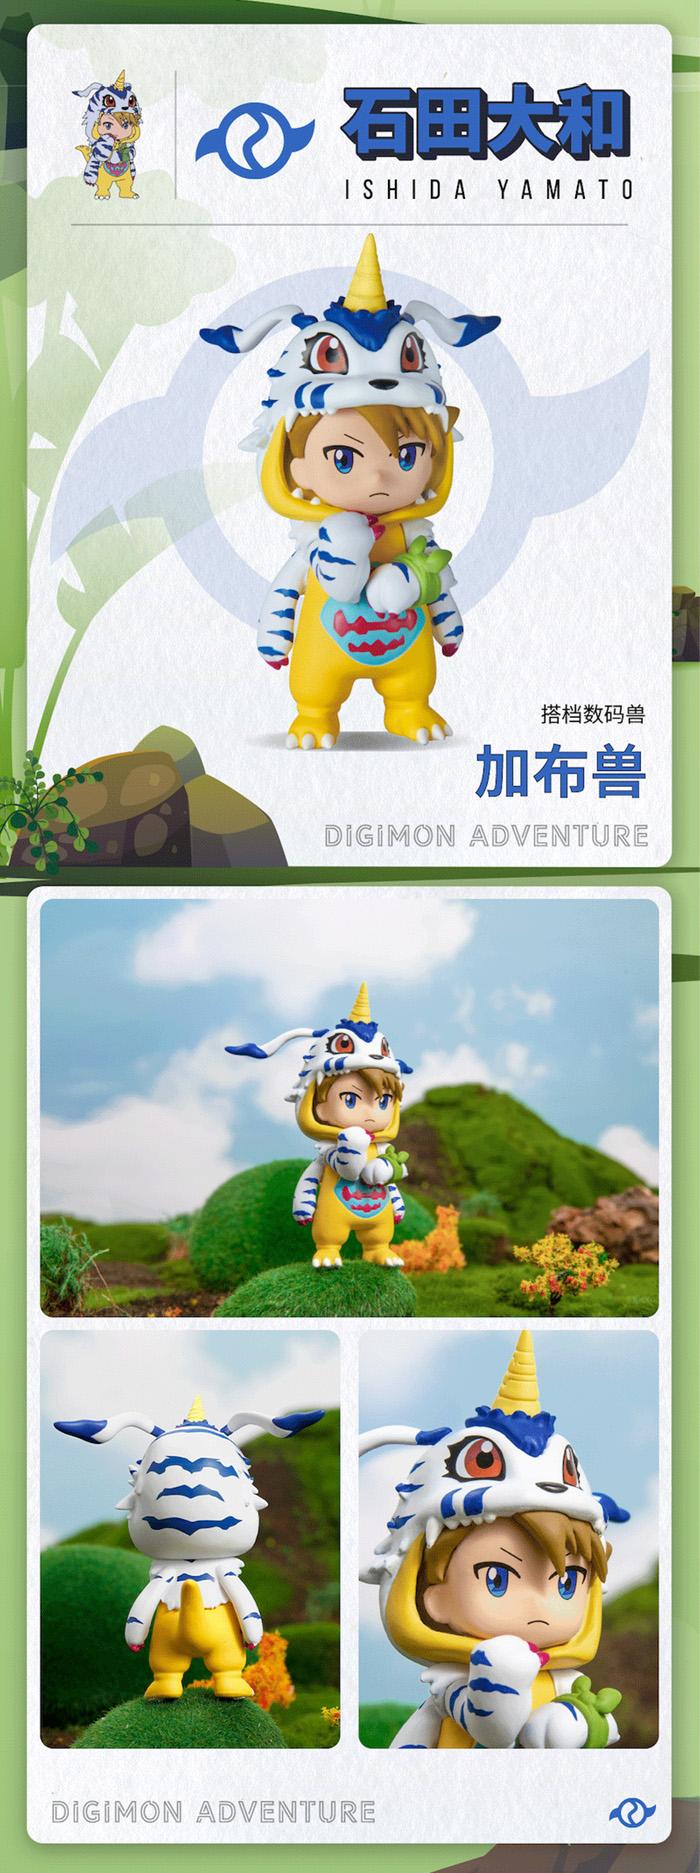 costumefigures02_june26_2021.jpg